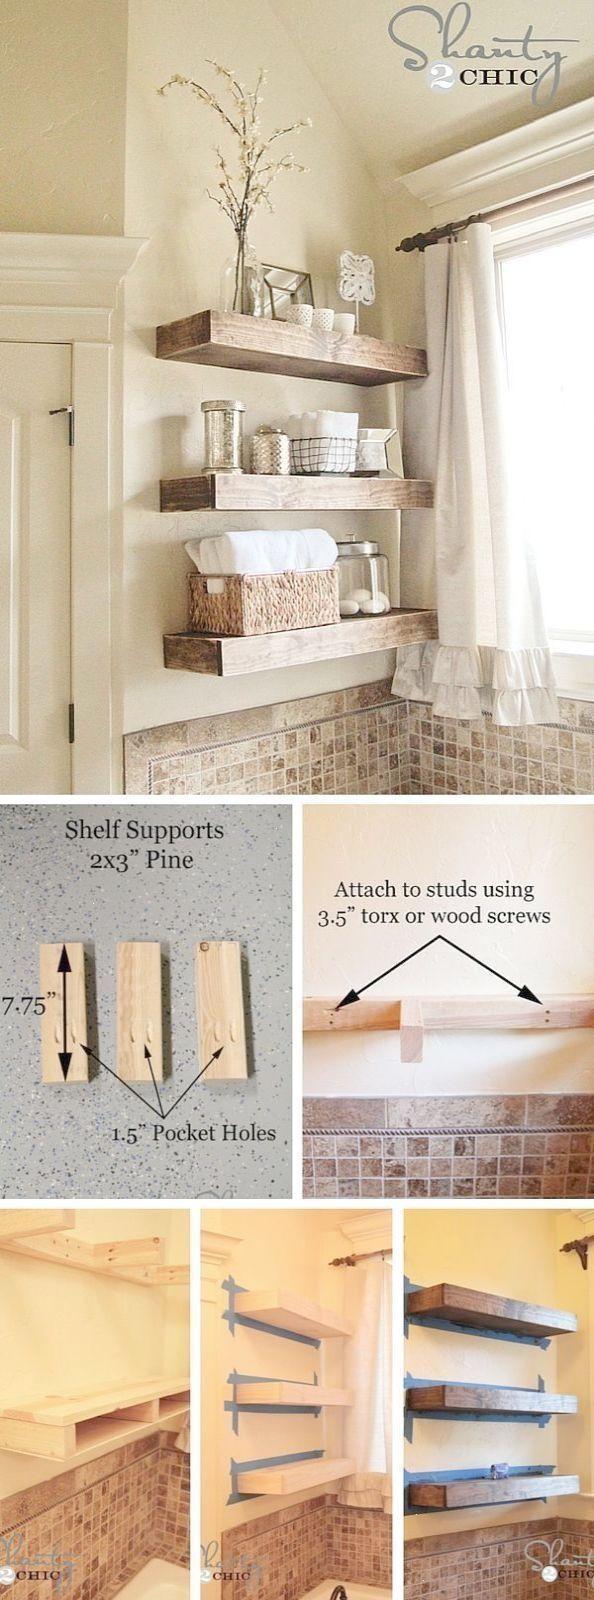 Home Design Ideas: Home Decorating Ideas Bathroom Home Decorating ...